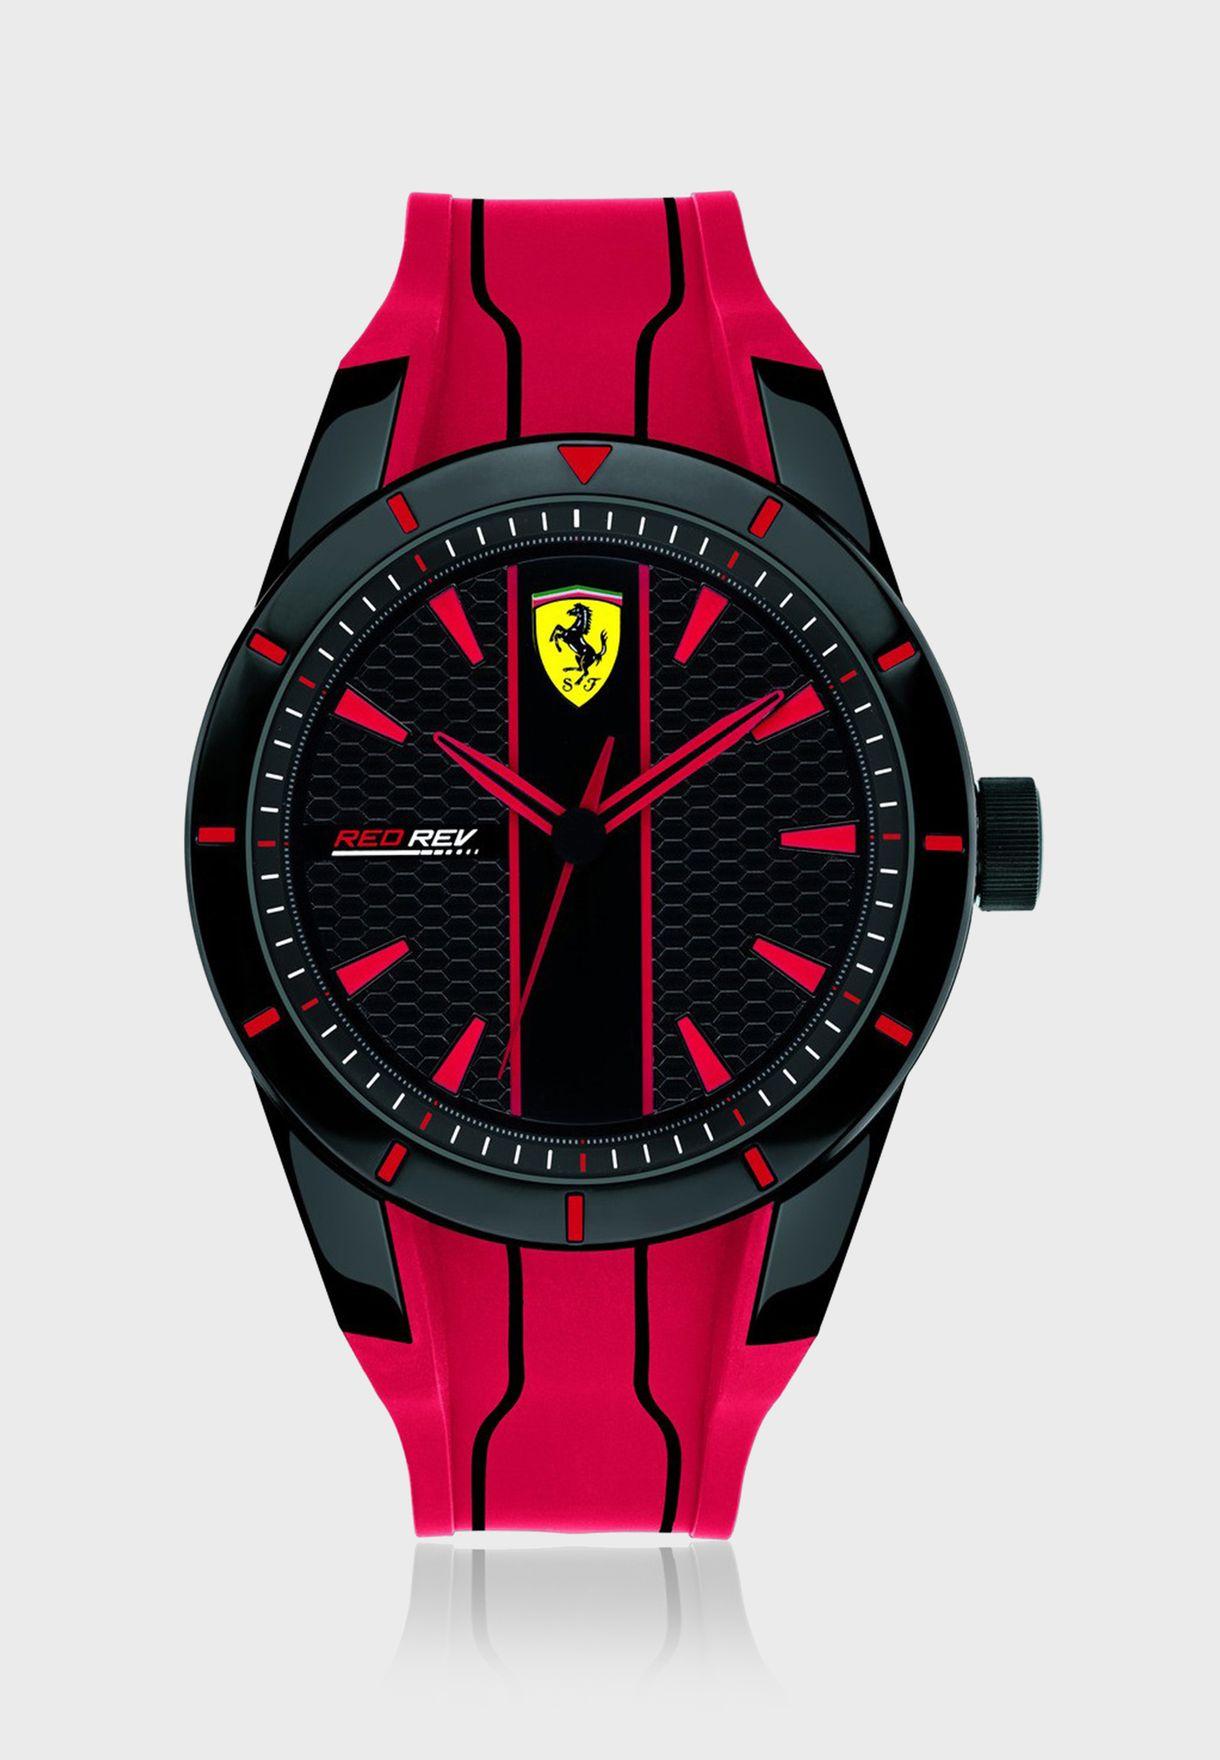 830539 Rerev Analog Watch